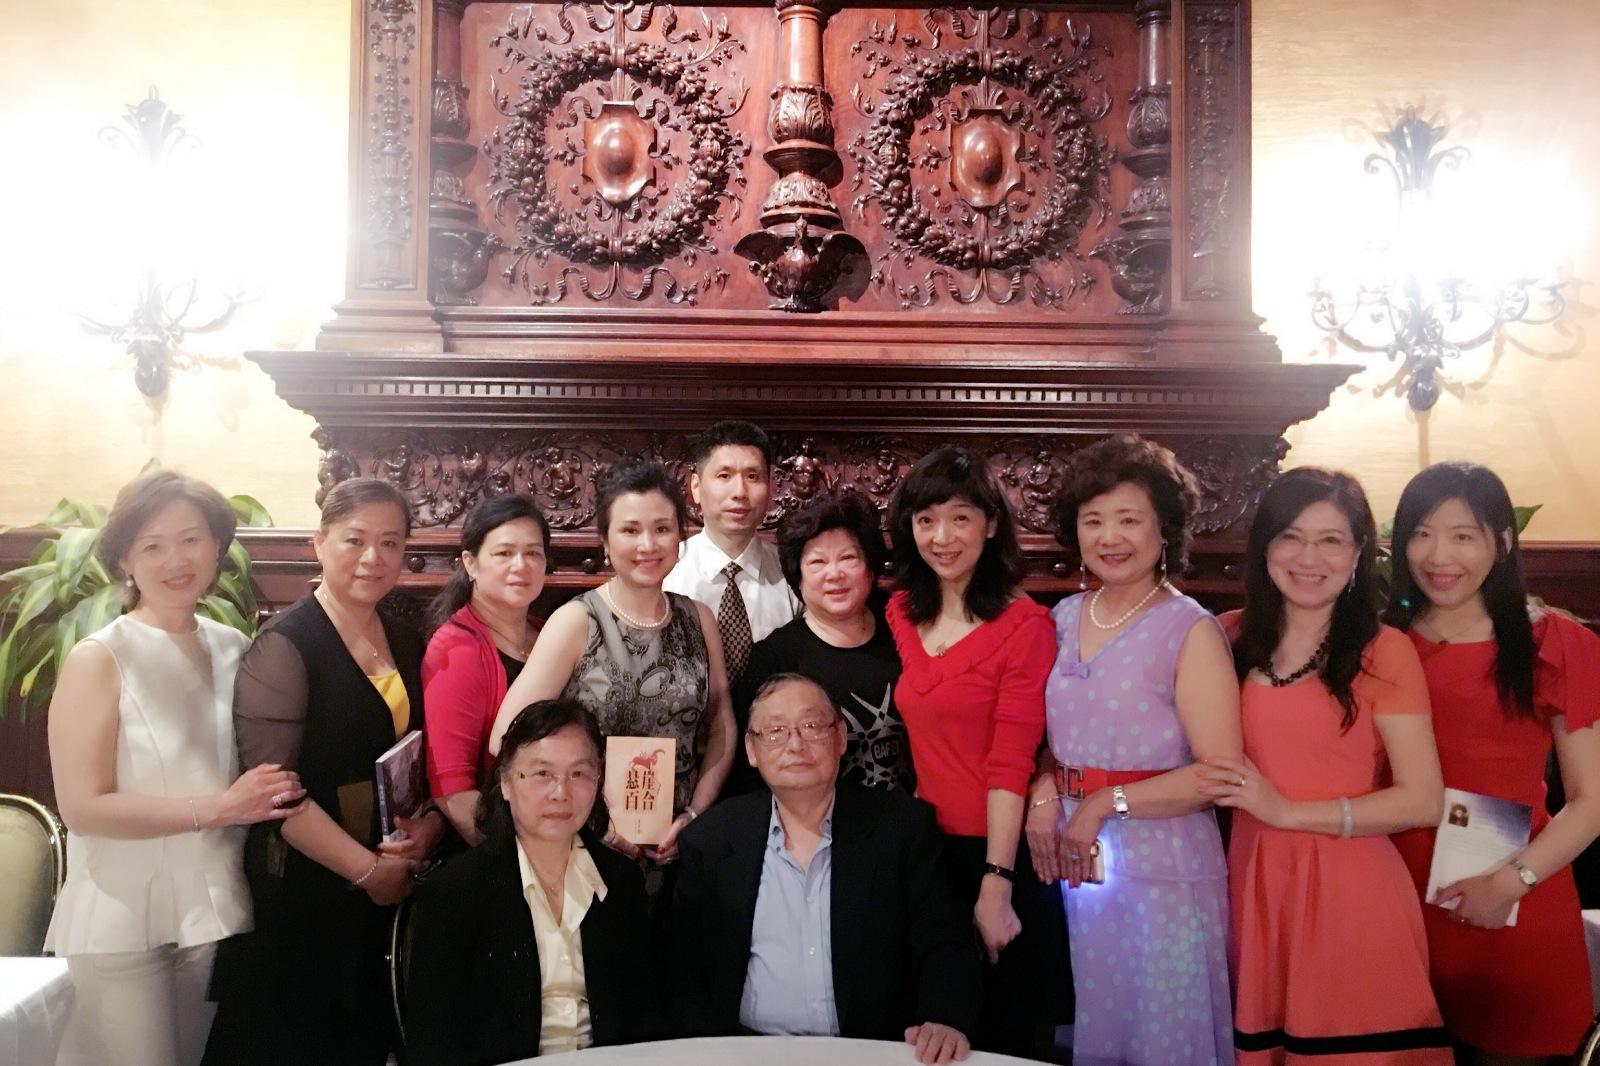 法中教育交流协会举办文学沙龙 沈大力教授与会交流